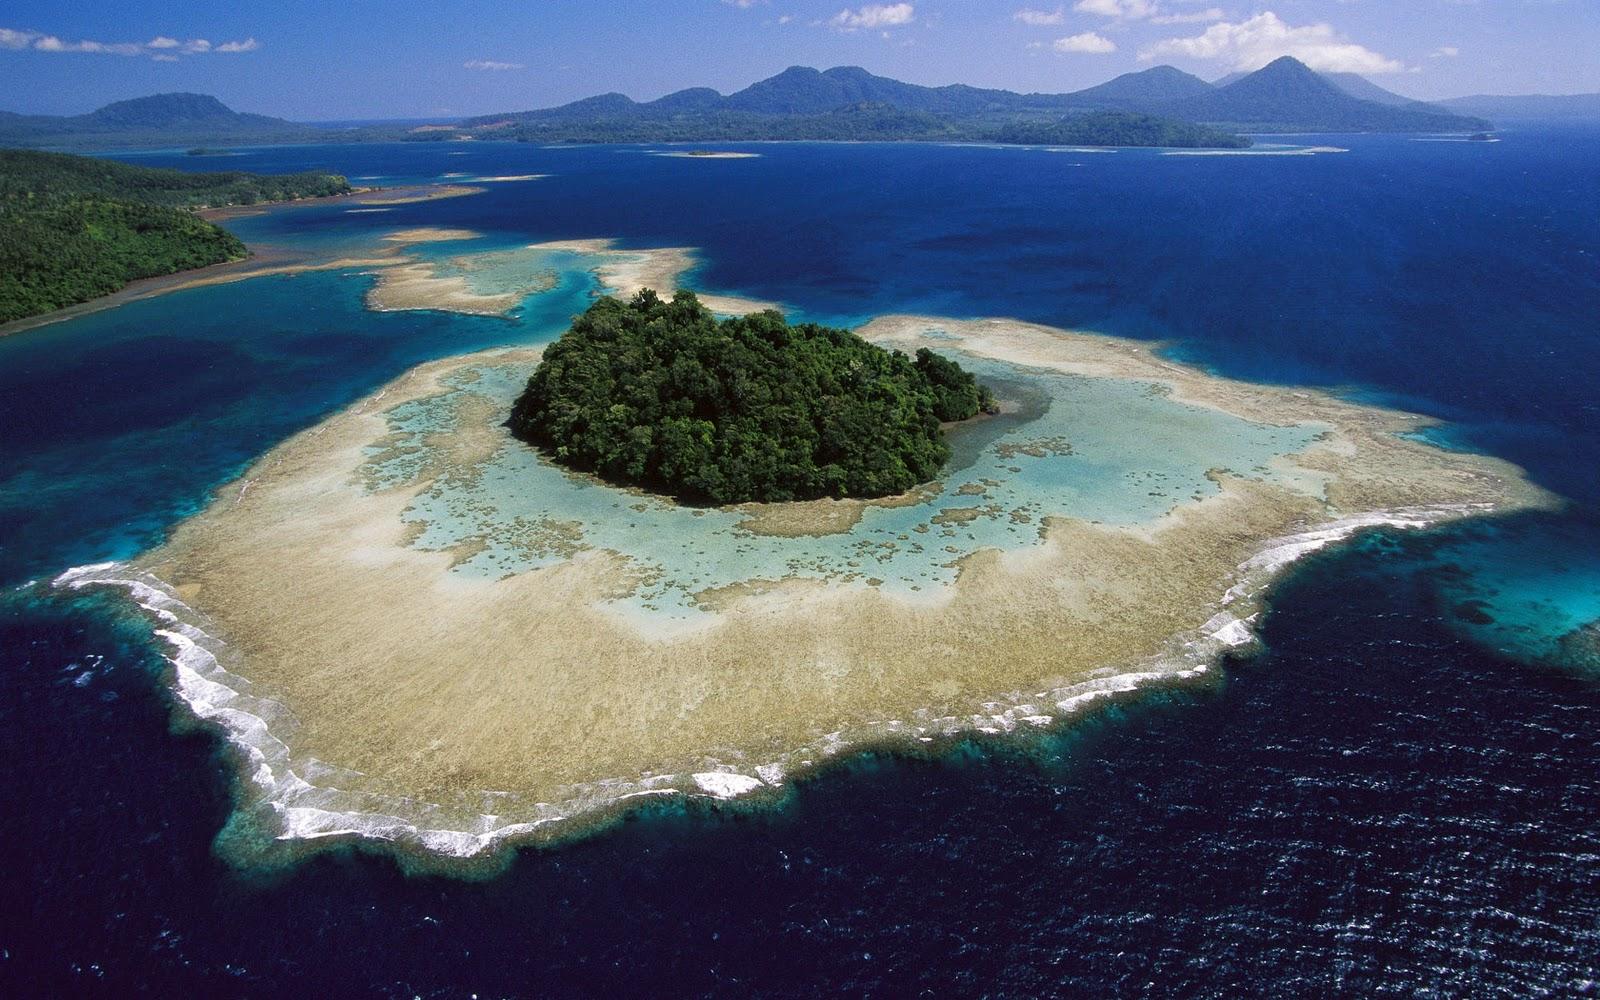 paisajes tropicales hd